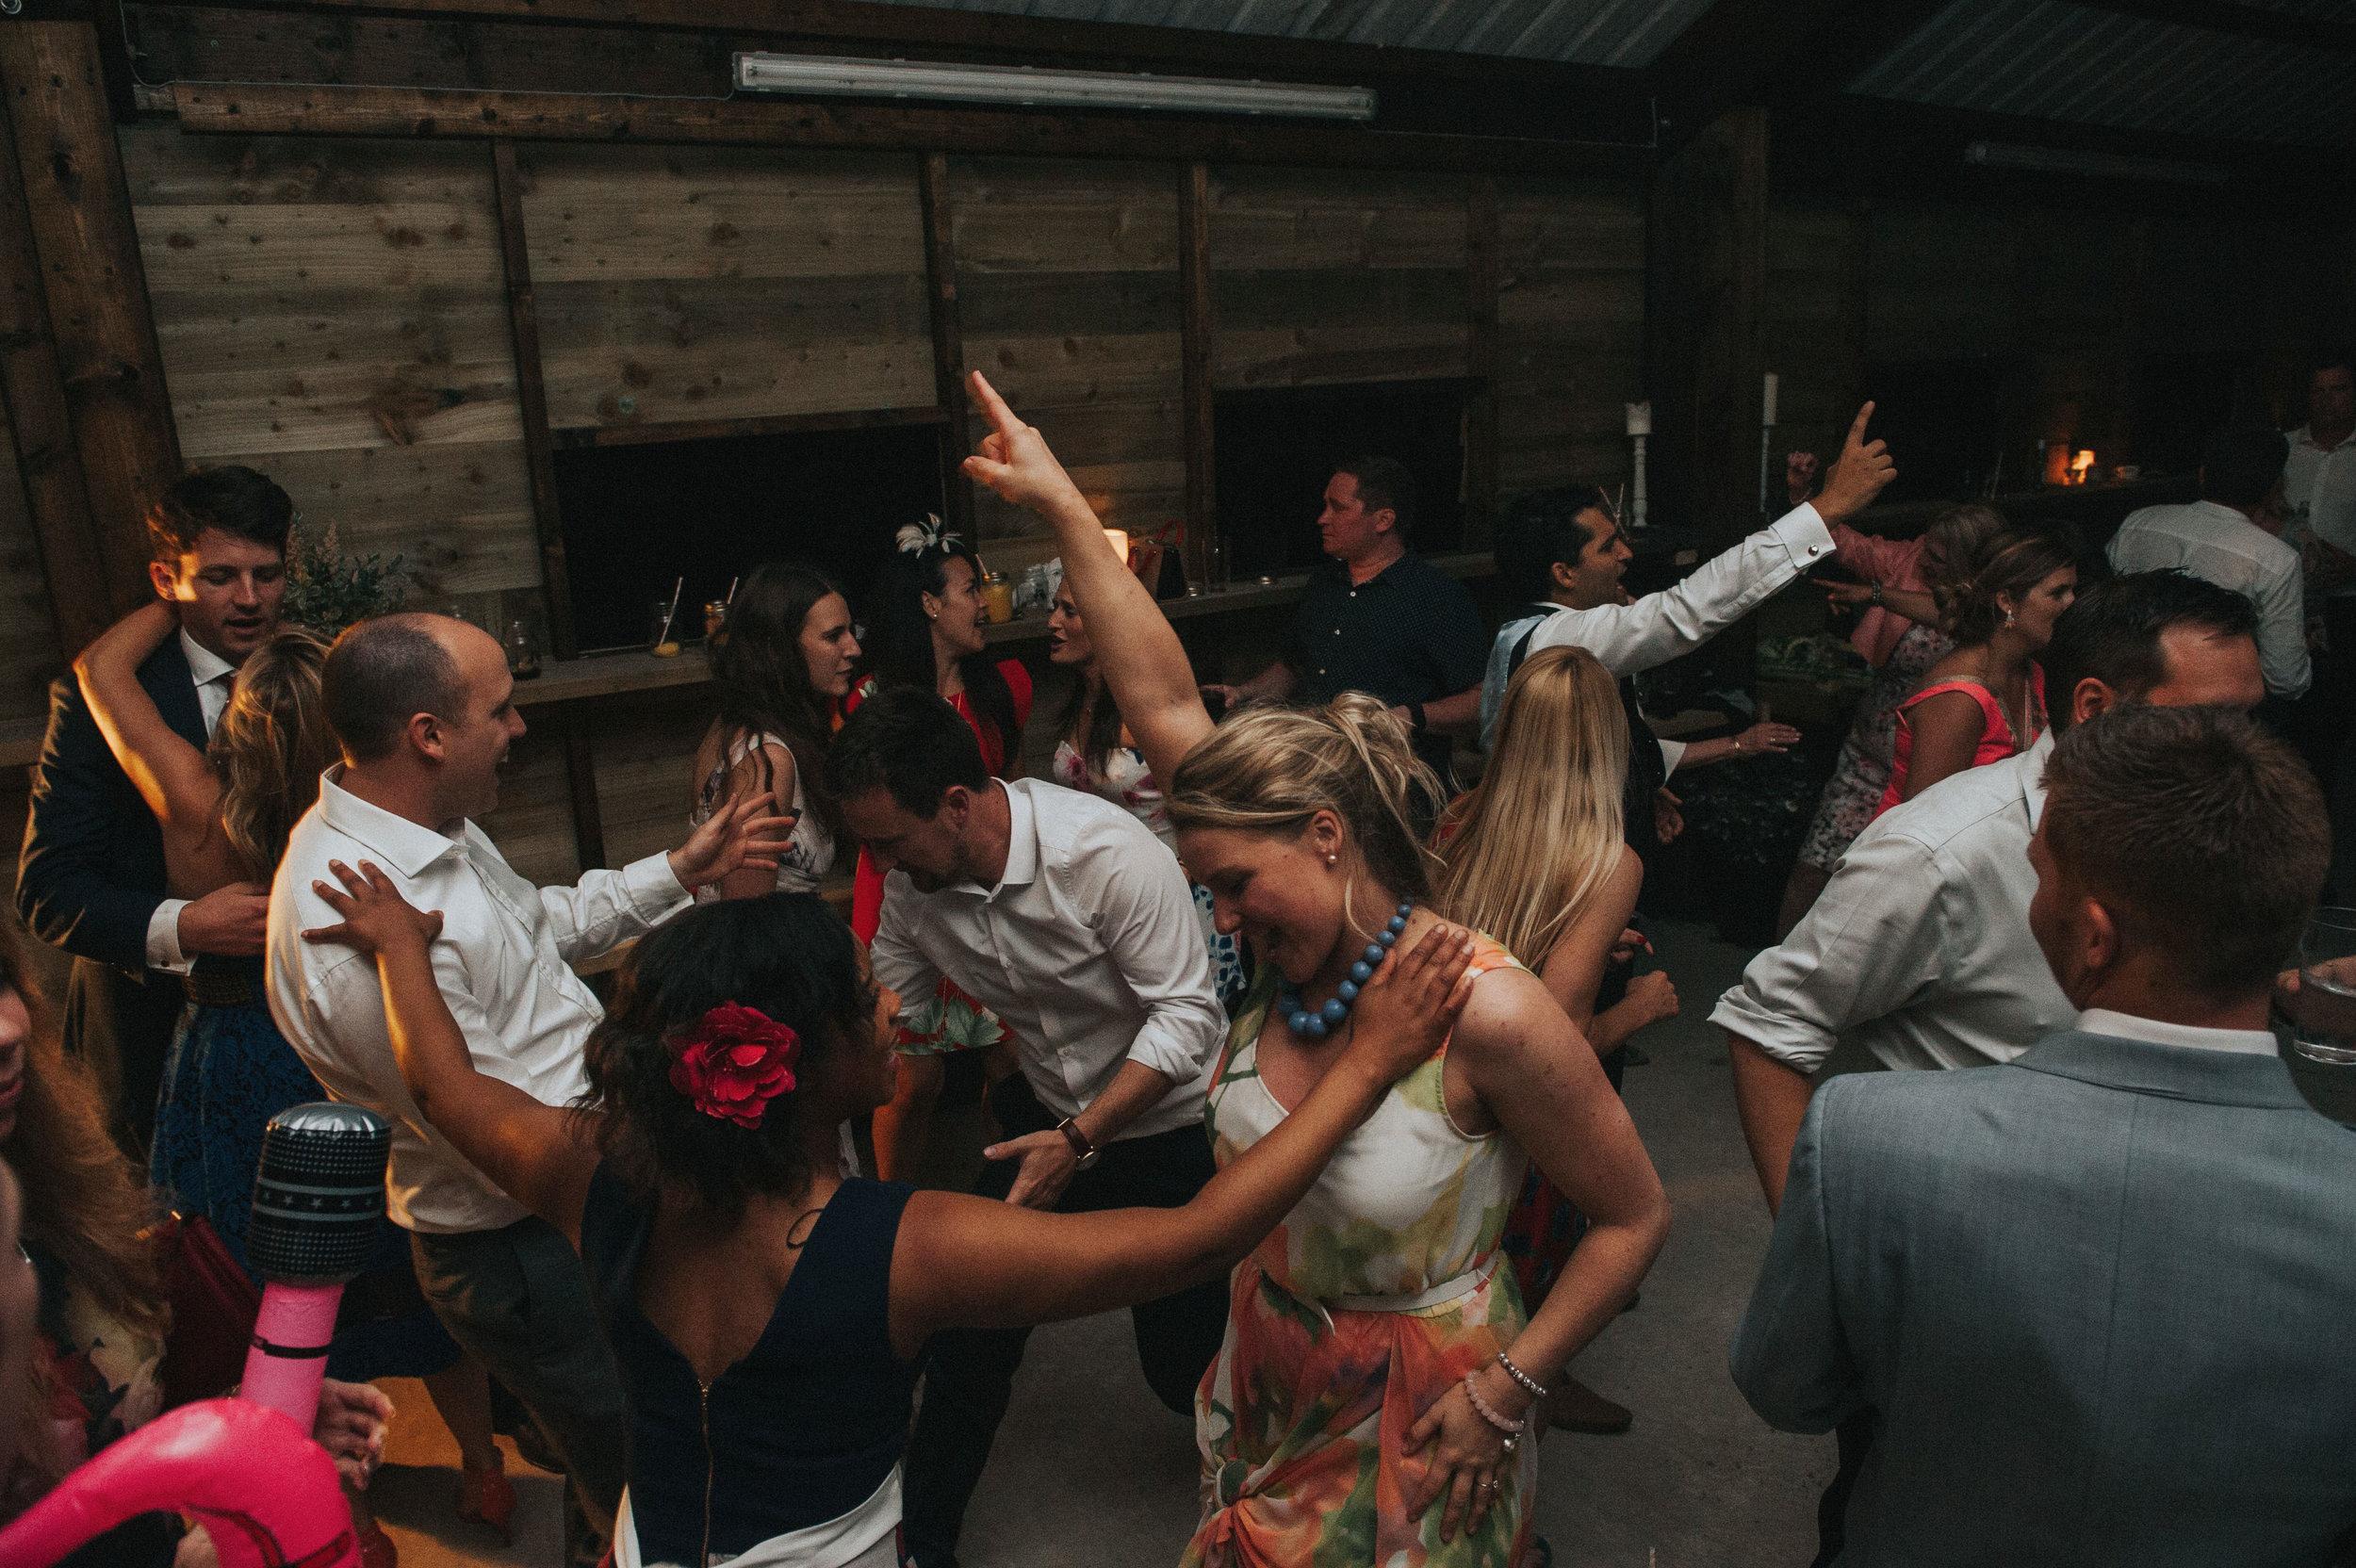 festival-farm-wedding-180.jpg